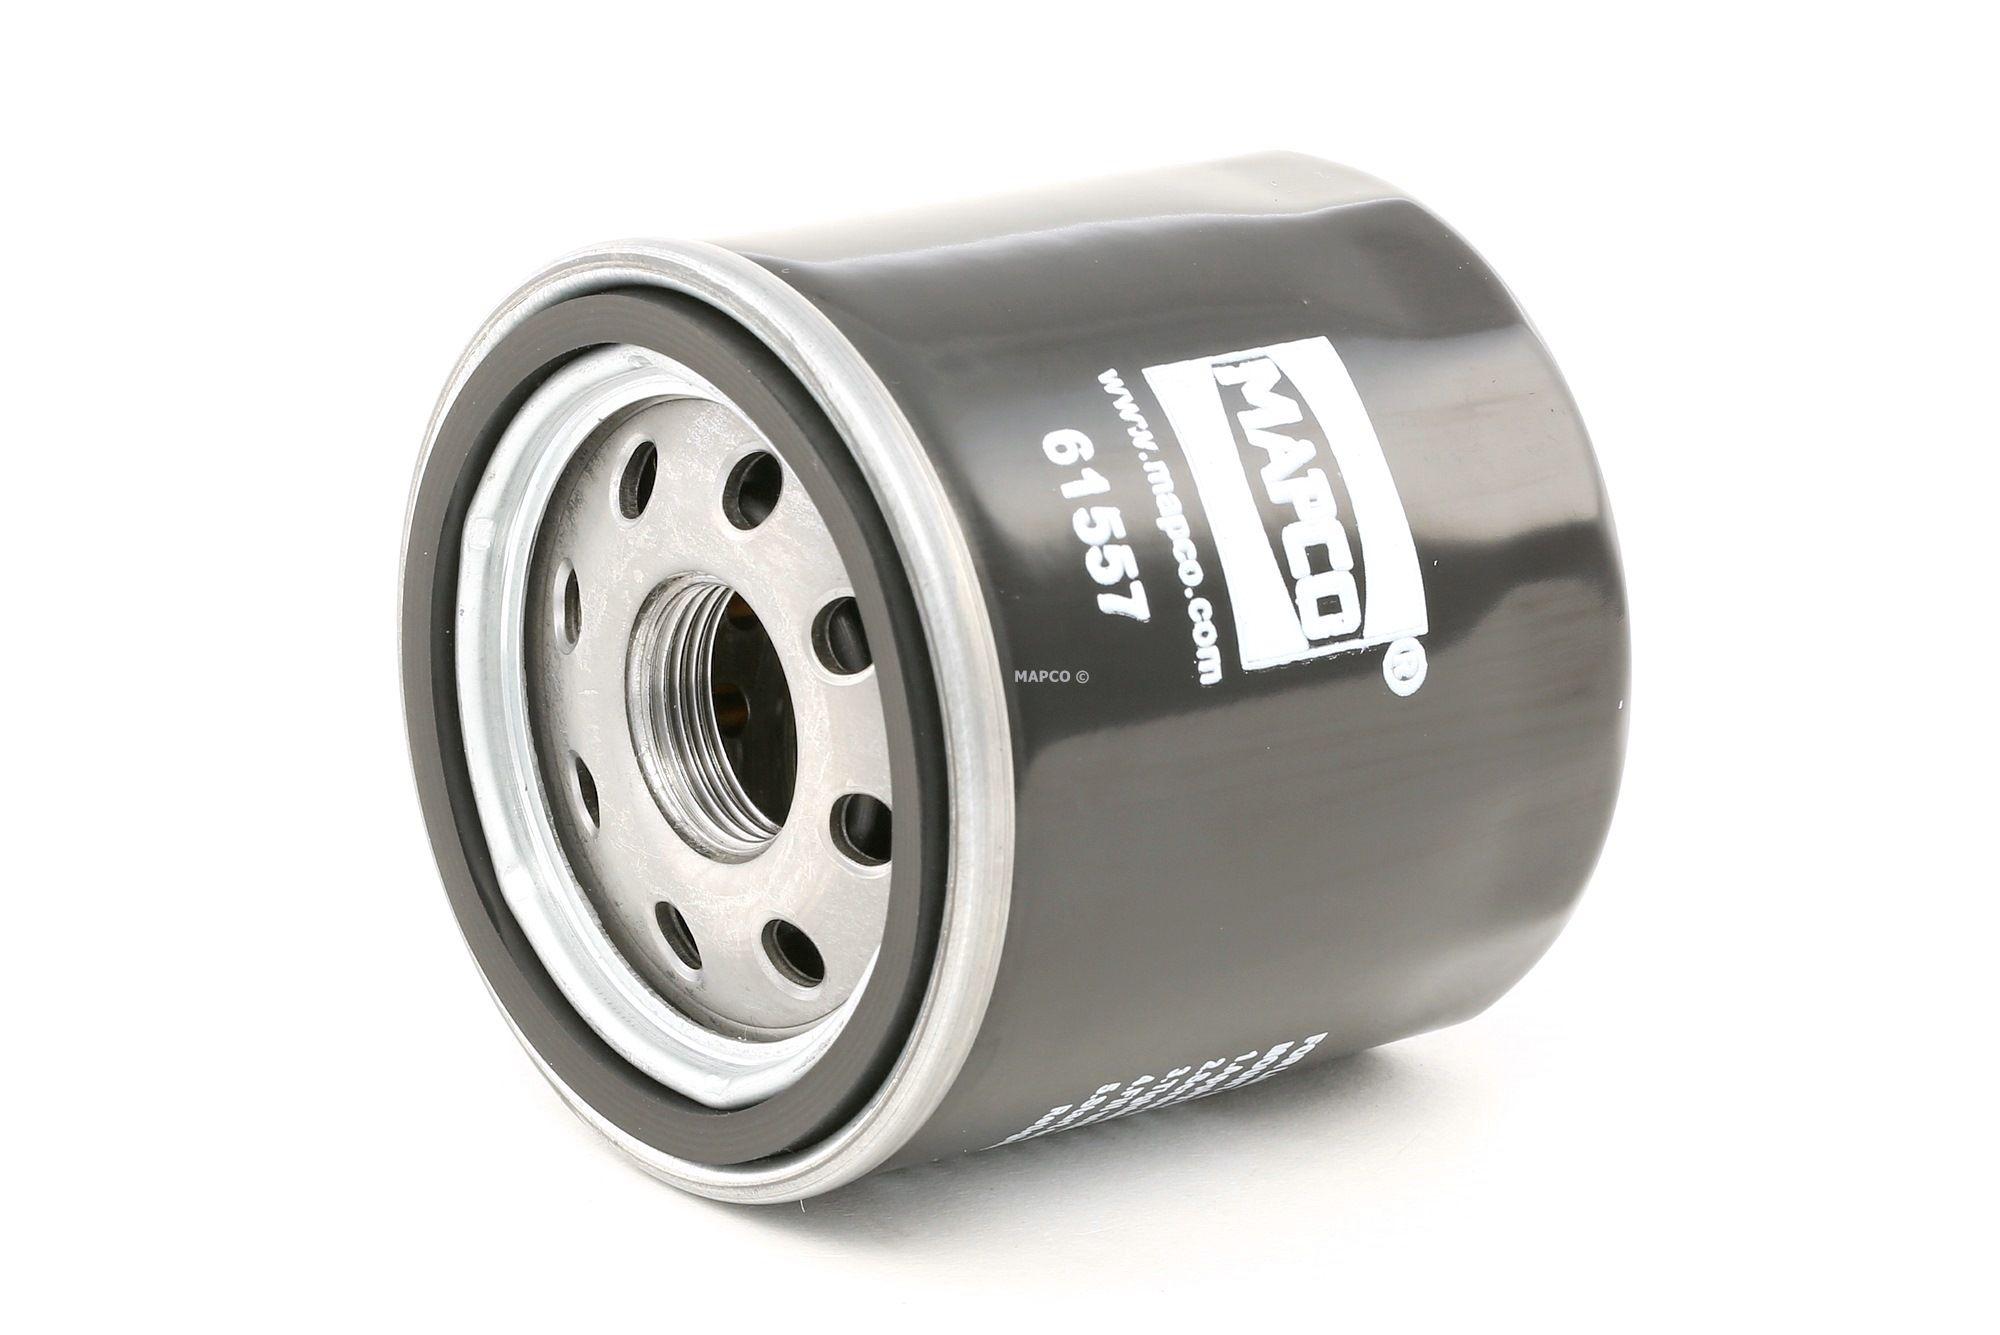 MAPCO: Original Motorölfilter 61557 (Innendurchmesser: 54mm, Ø: 66mm, Außendurchmesser 2: 62mm, Höhe: 65mm)